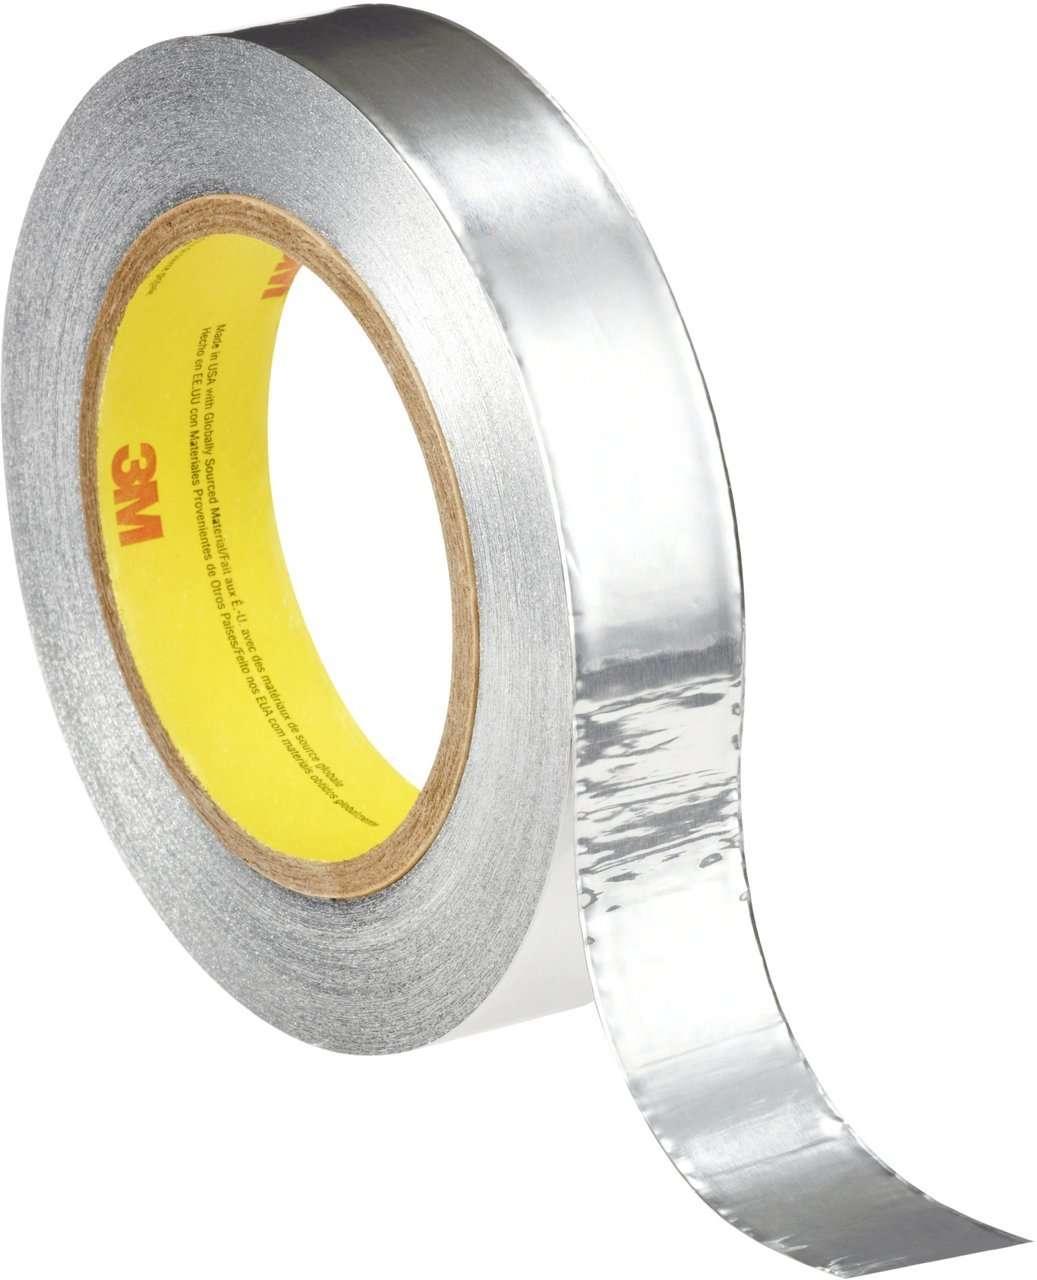 高温铝箔胶带 制造商